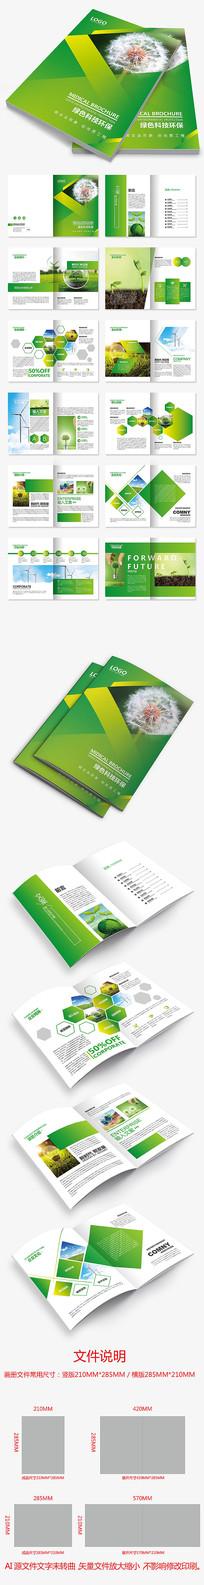 绿色科技环保宣传册绿色渐变企业画册模板